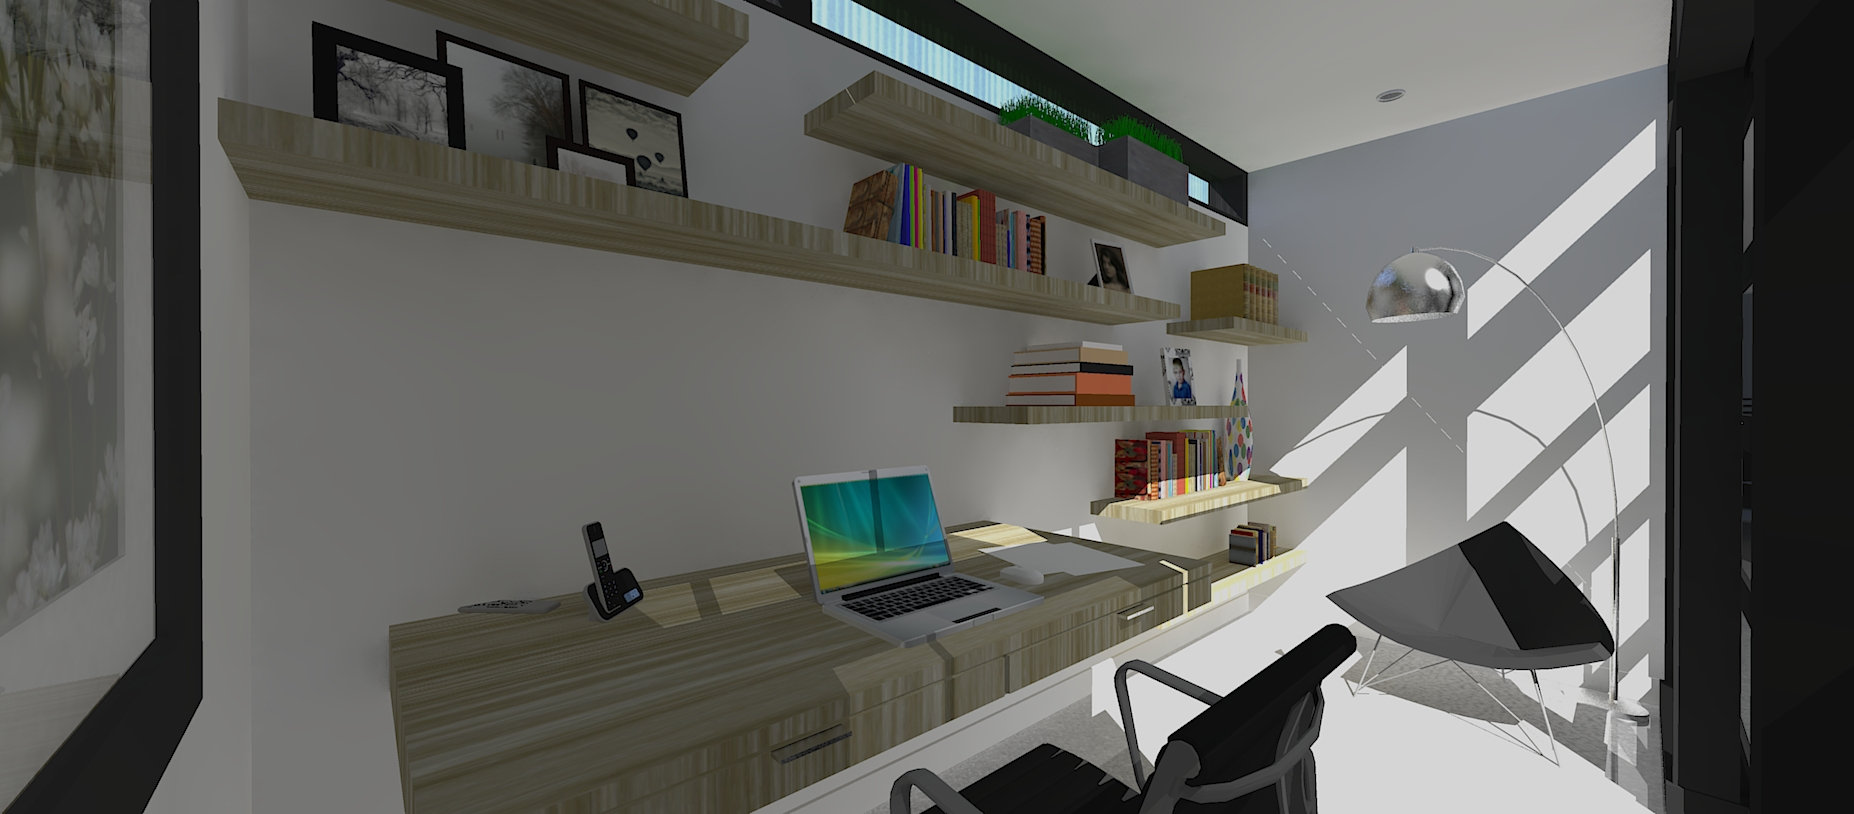 26 - Office.jpg